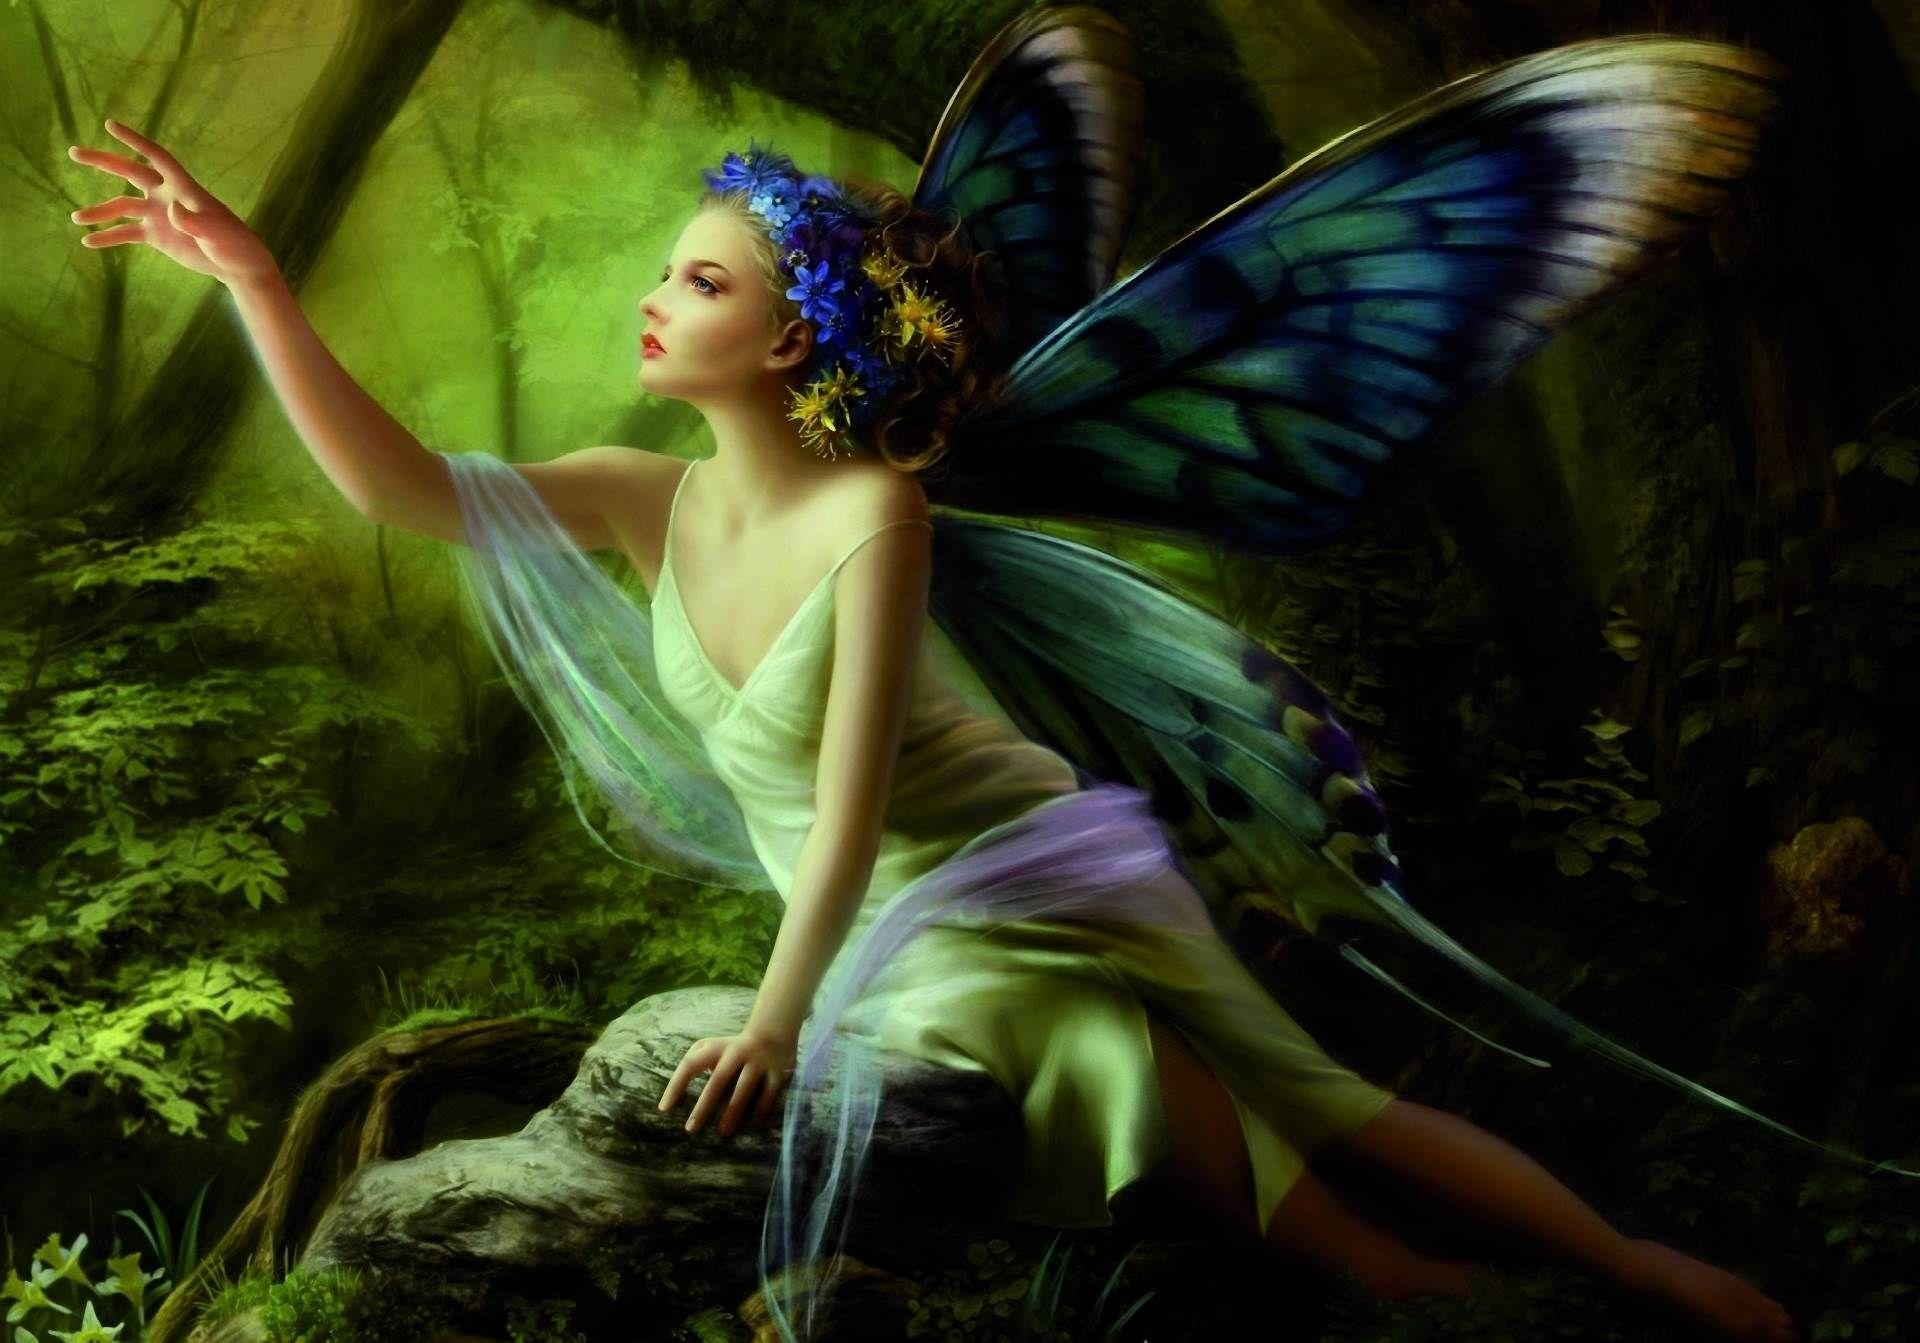 Cute Little Fairy Hd Wallpaper Wallpaperfx 1024 768 Beautiful Fairies Wallpapers Adorable Wallpapers Fairy Wallpaper Fantasy Fairy Beautiful Fairies